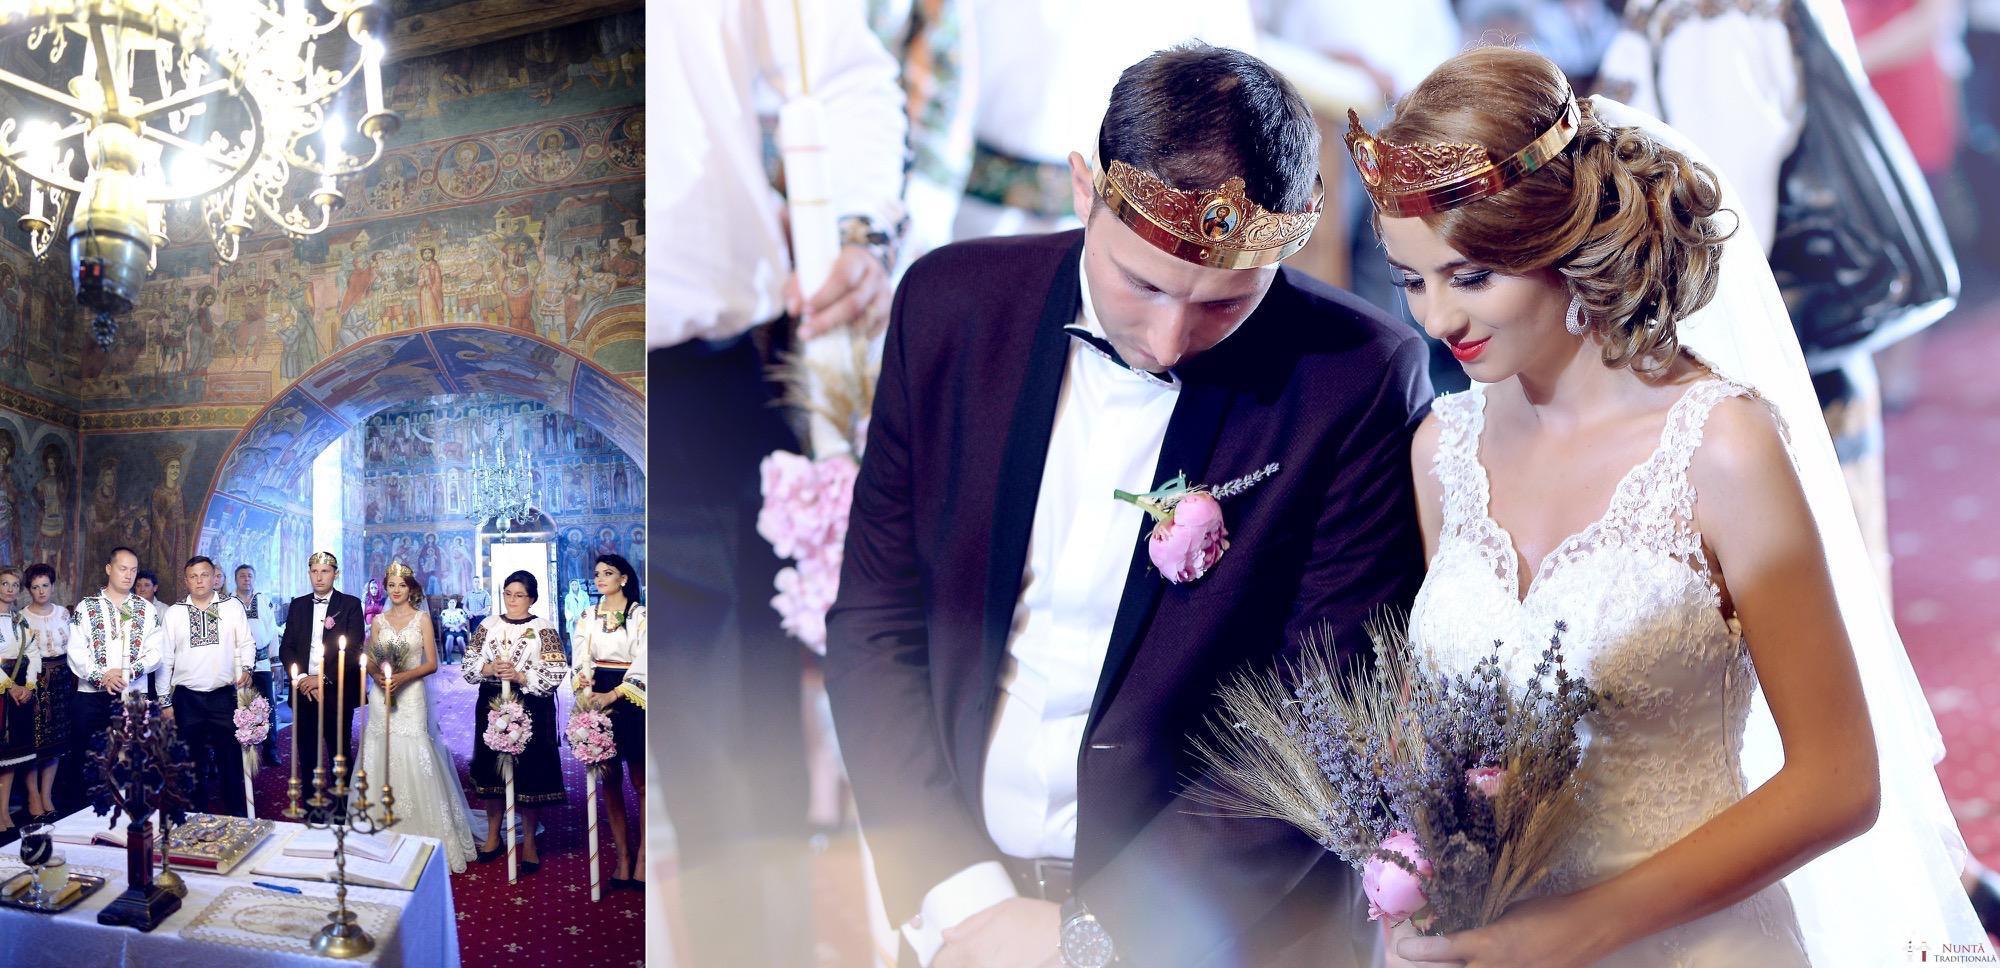 Povești Nunți Tradiționale - Iulia și Andrei. Nuntă tradițională în Bucovina. 65